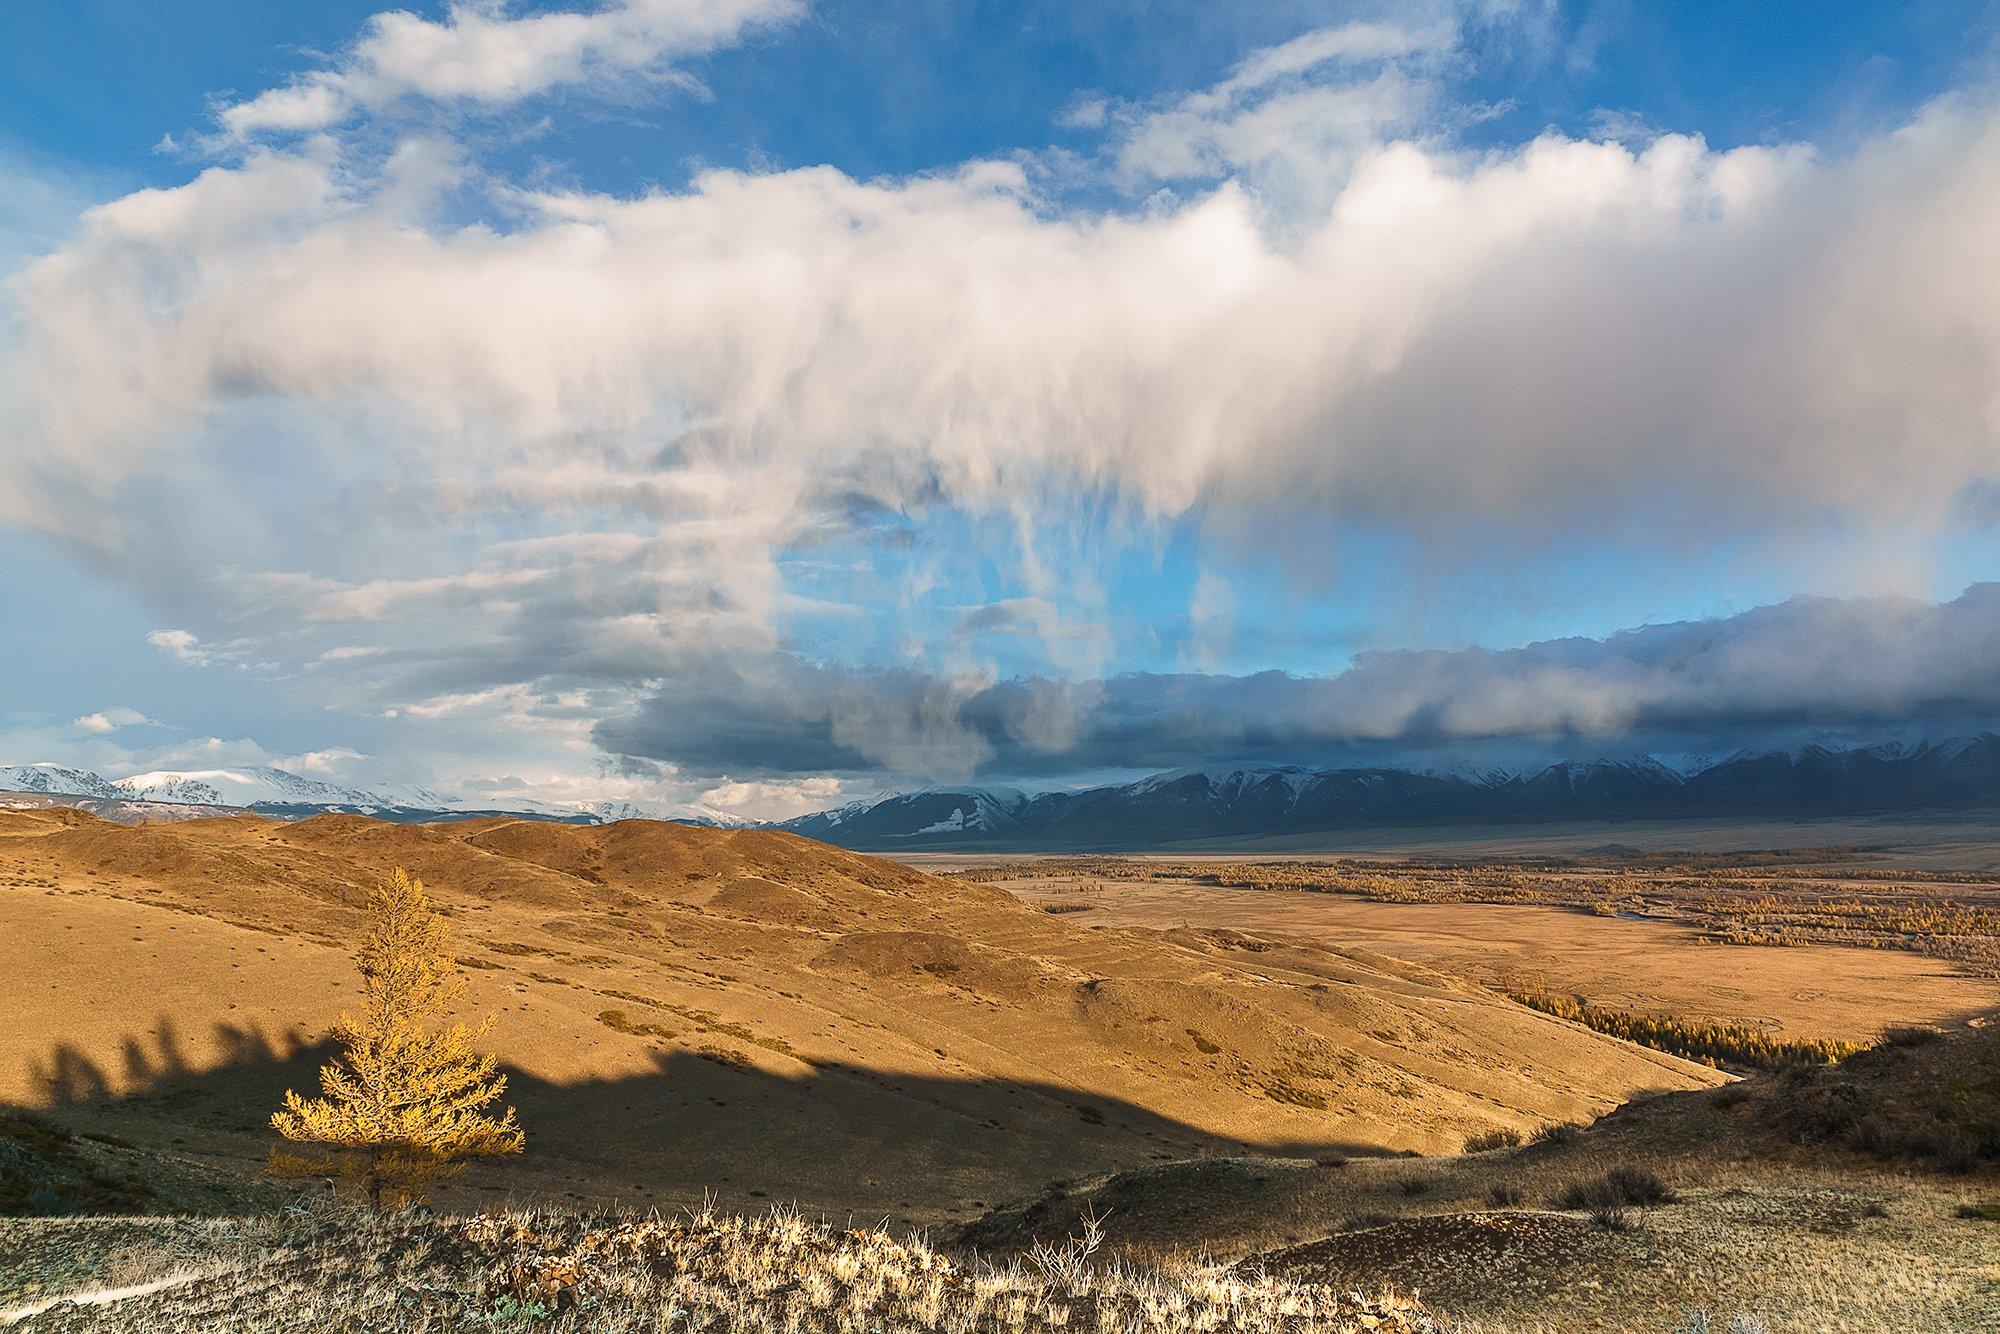 природа, пейзаж, горы, Алтай, Россия, закат, облака, небо, Курайская степь, Северо-Чуйский хребет, Лариса Николаевна